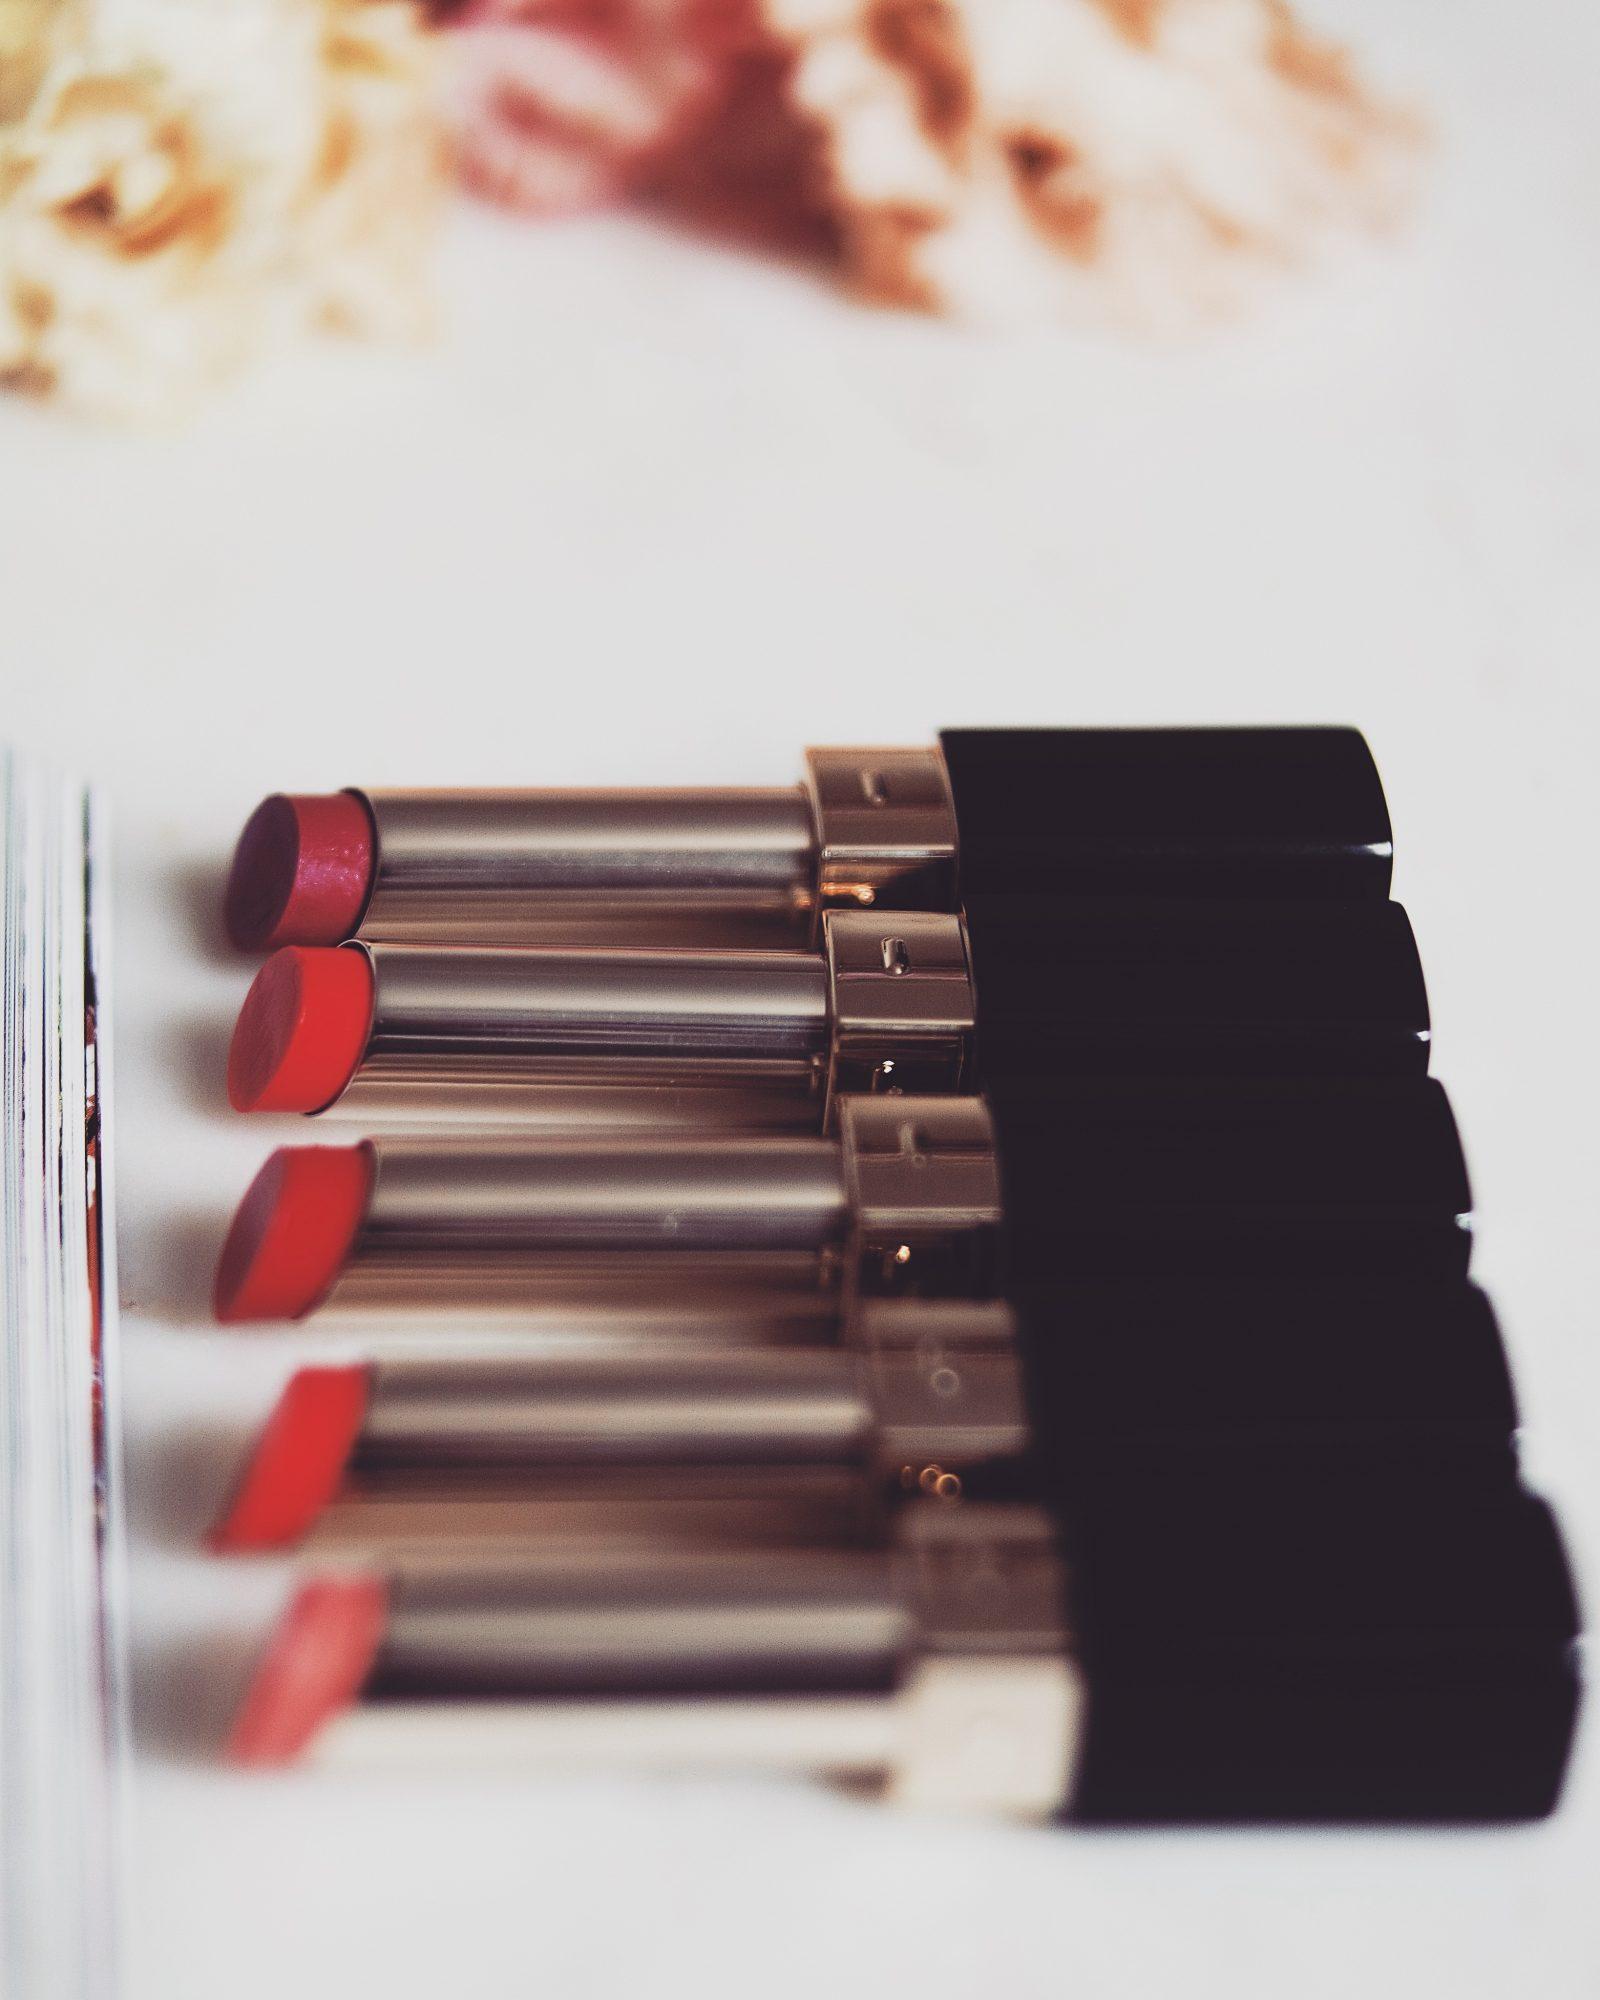 Dolce & Gabbana Beauty - Miss Sicily Lipstick